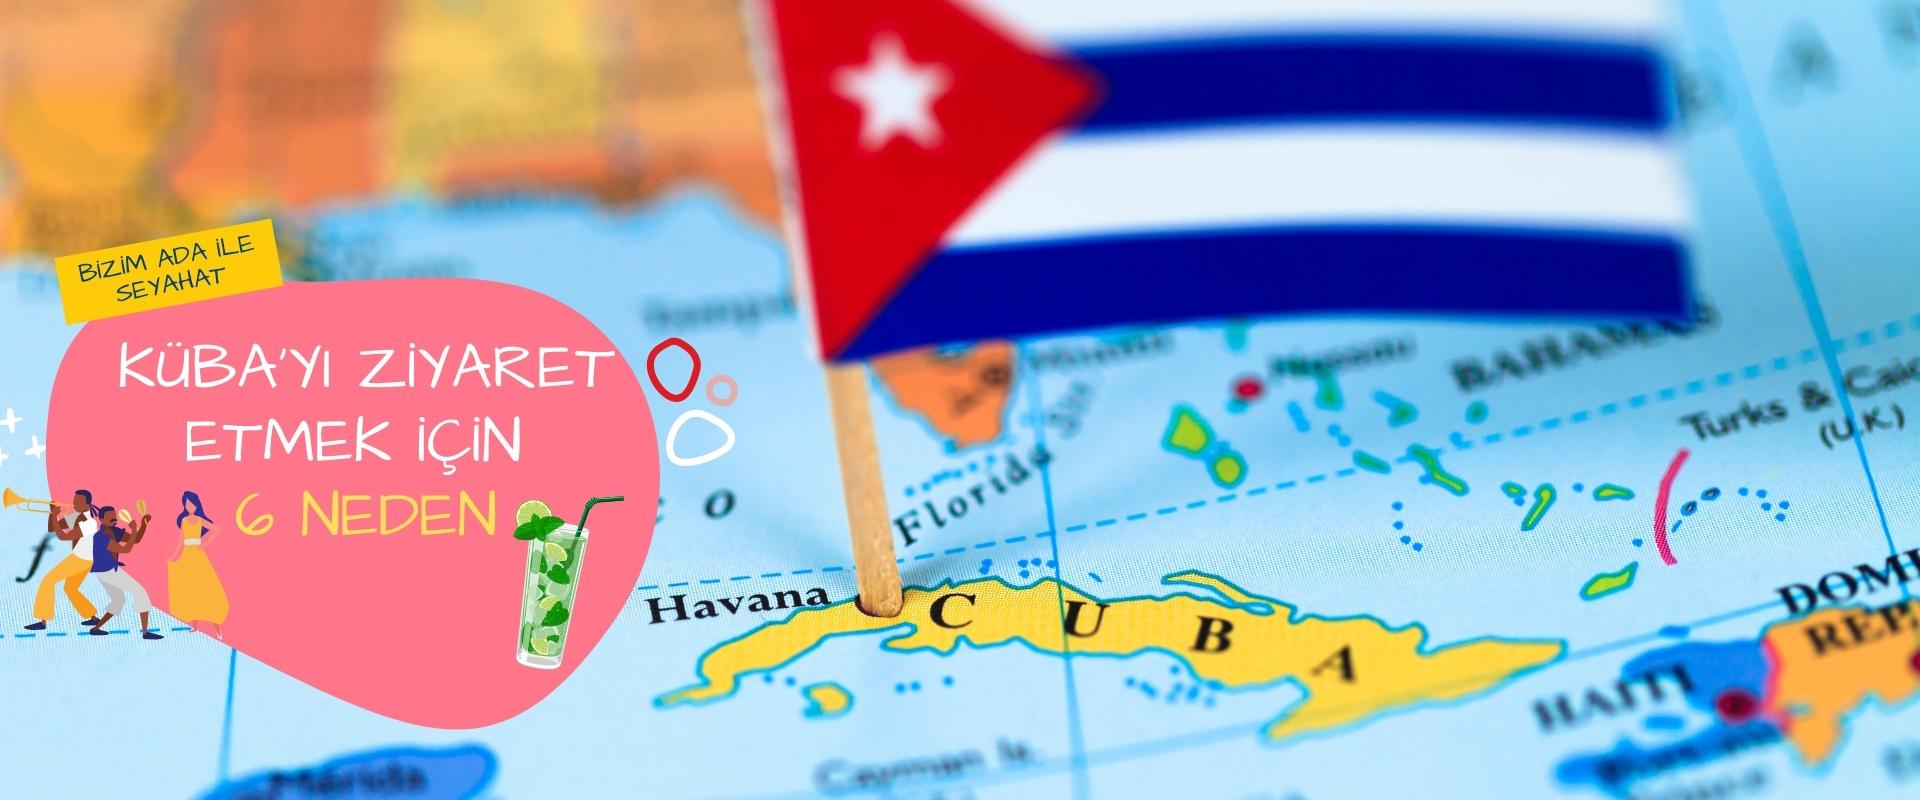 Küba'yı ziyaret etmek için 6 neden